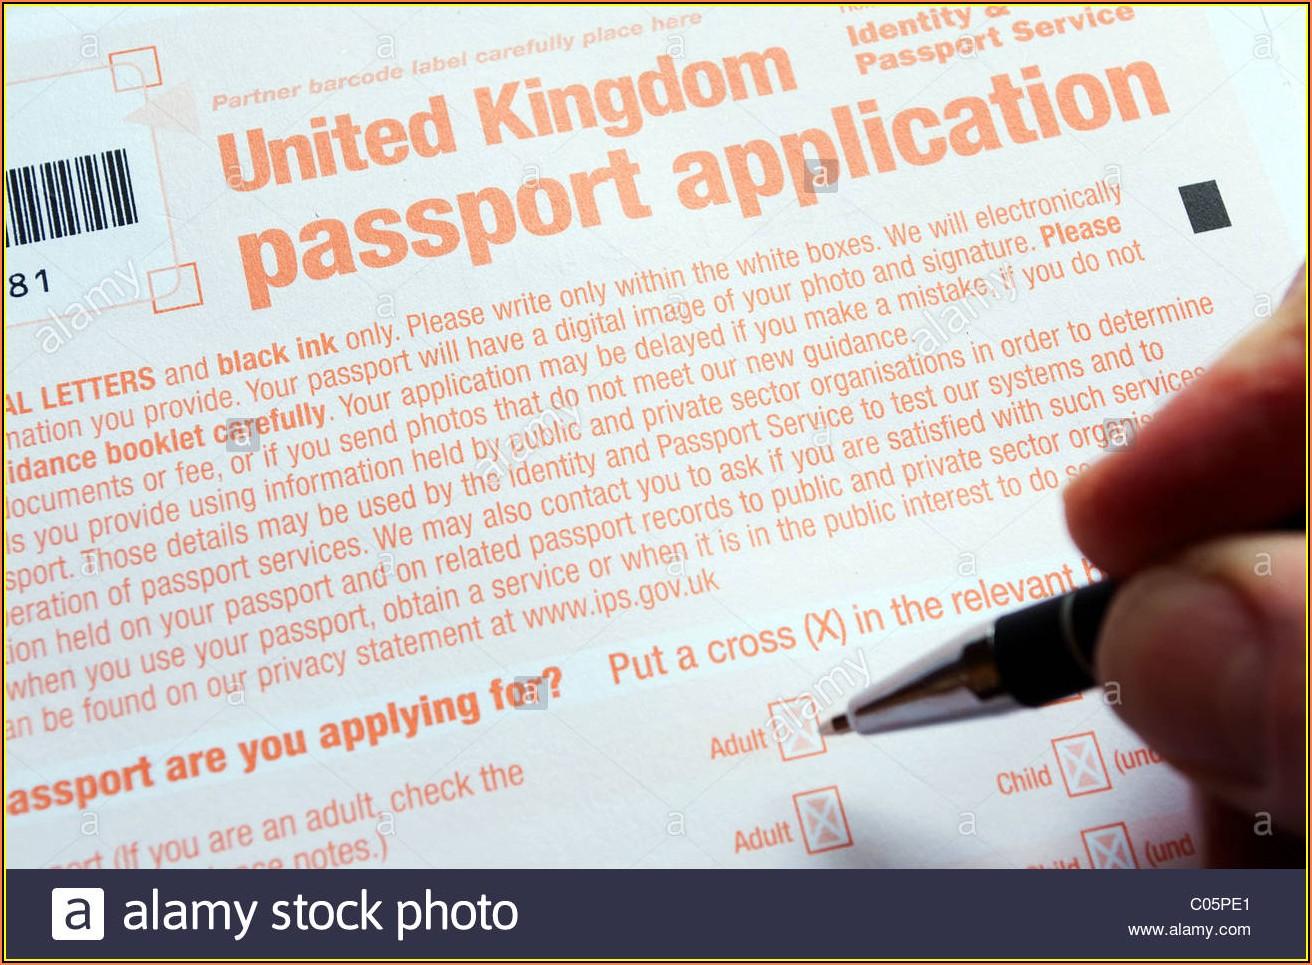 Uk Passport Renewal Application Form Download Pdf